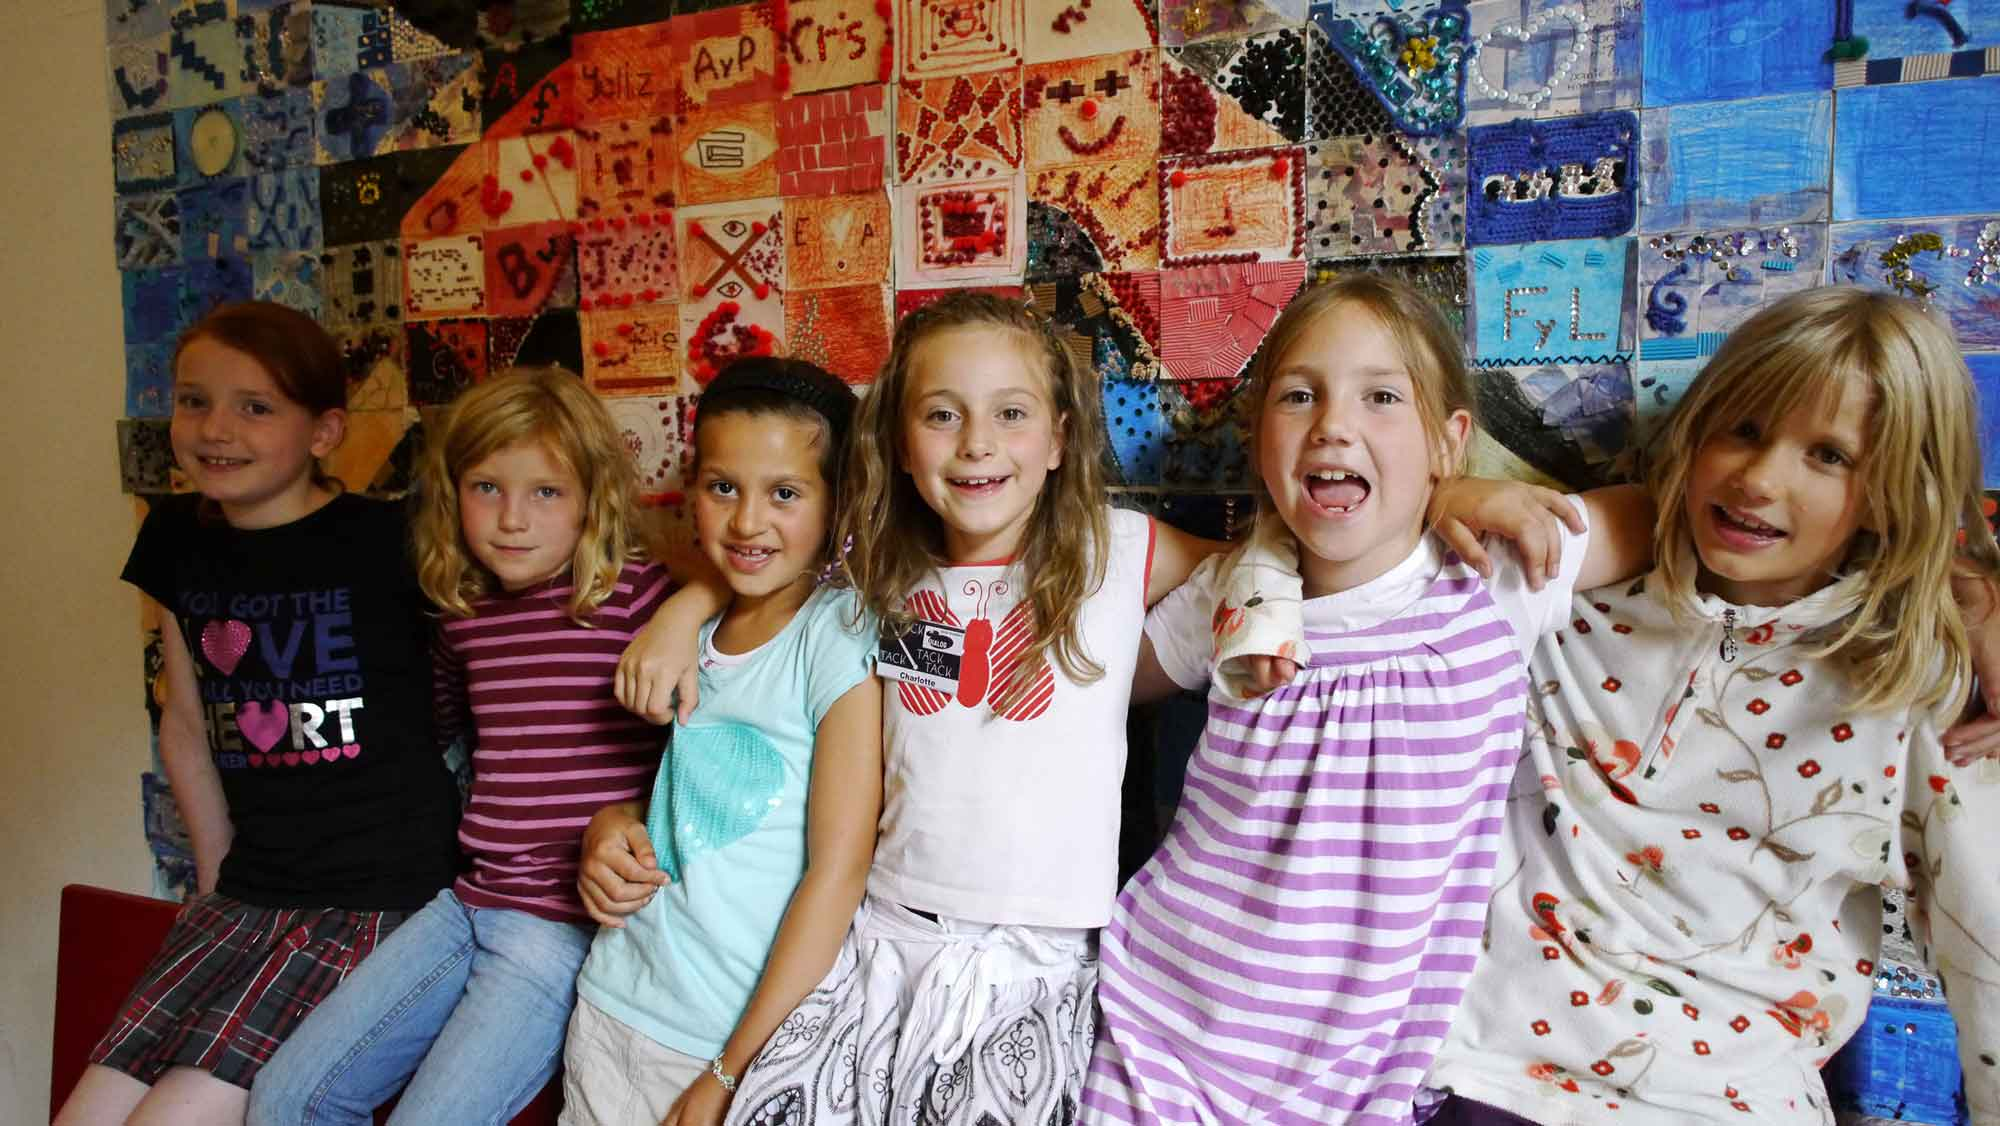 Eine Gruppe von Geburtstags Kindern vor einem bunten großen Bild im Dialoghaus